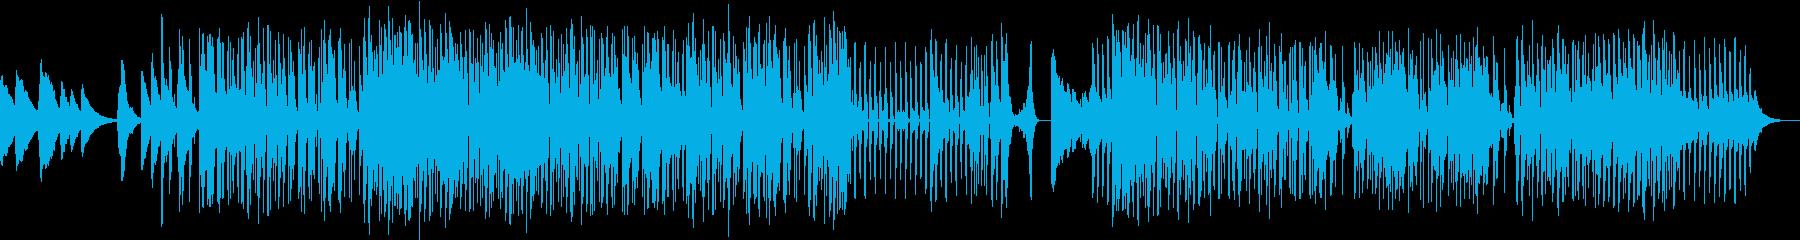 ゆったりハウスの再生済みの波形